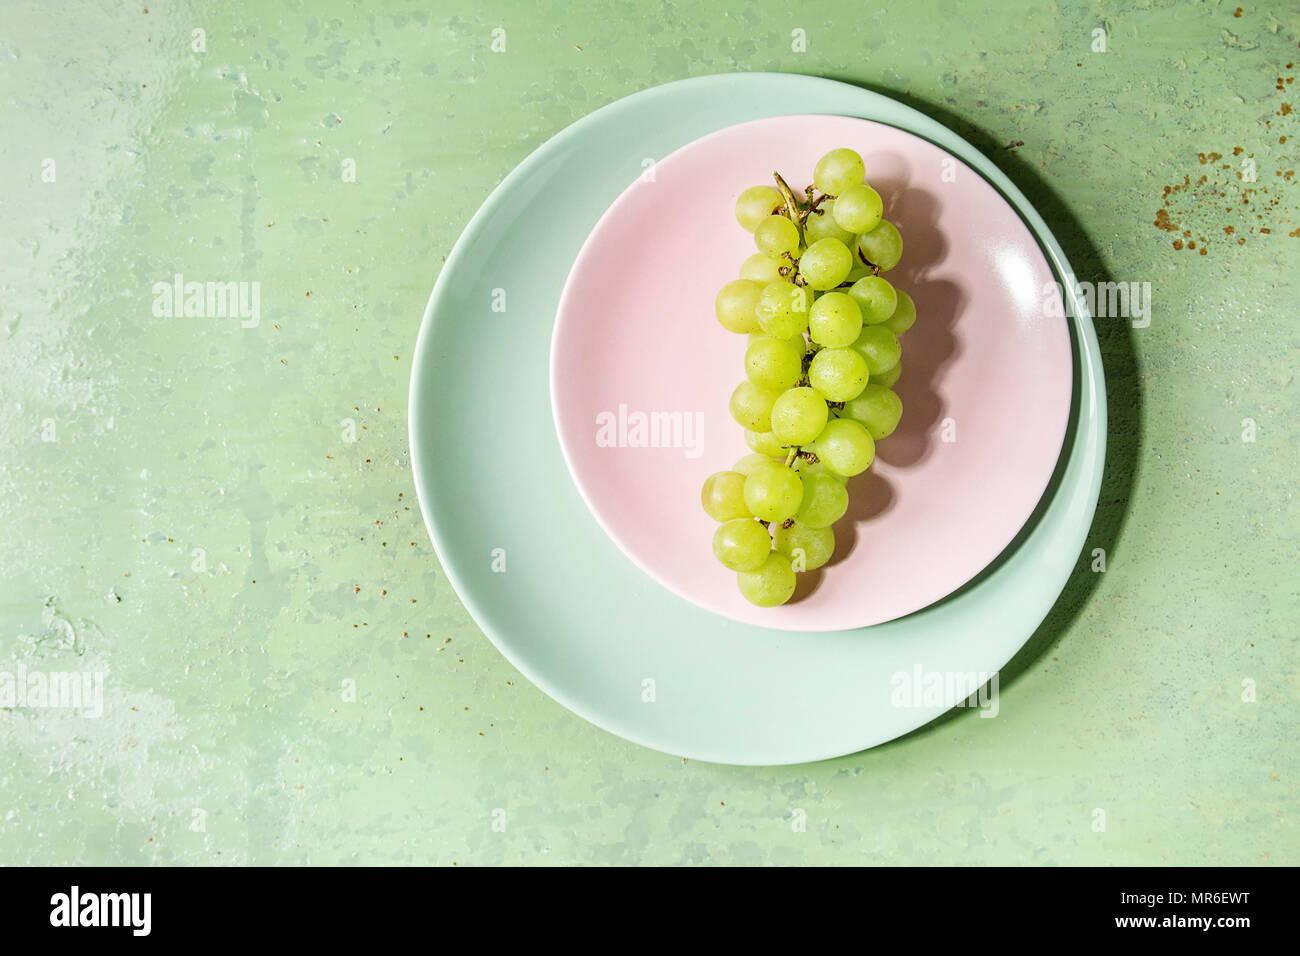 Tas de raisins verts mûrs sur plaque sur turquoise pastel vert pin-up arrière-plan. Copier l'espace. Vue d'en haut Photo Stock